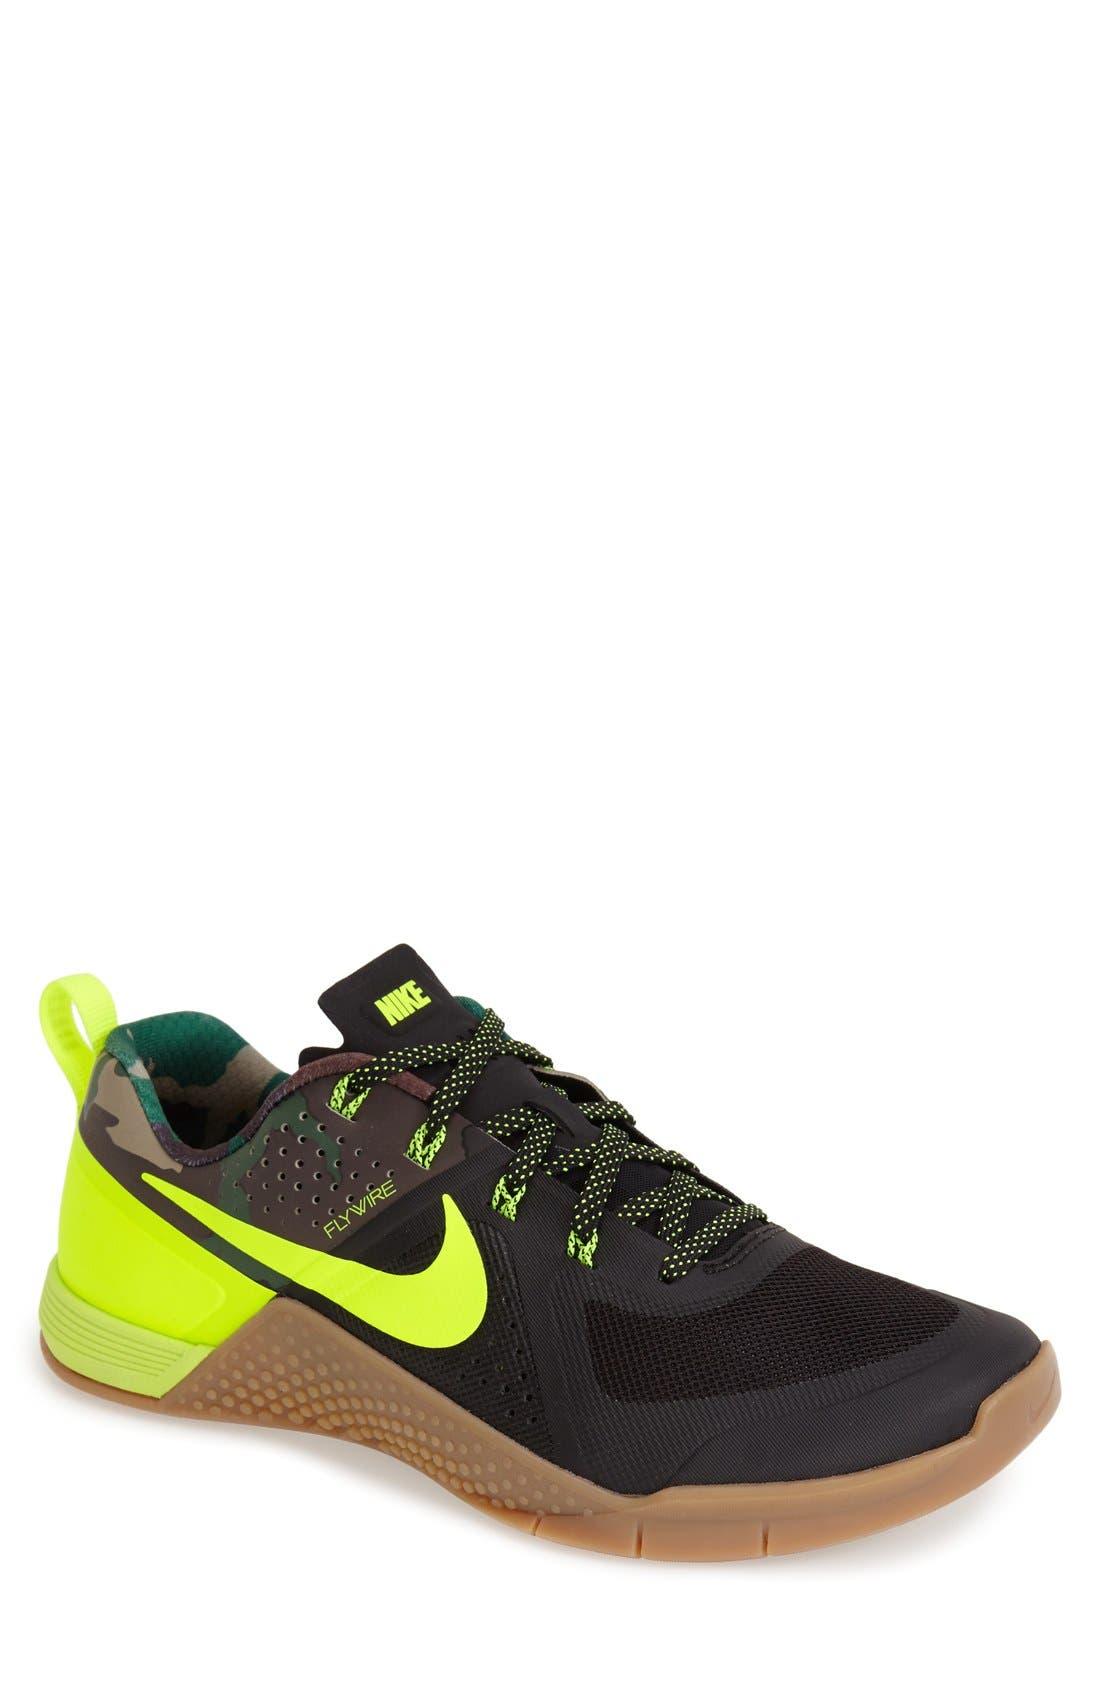 Main Image - Nike 'Metcon 1 Amp' Training Shoe (Men)